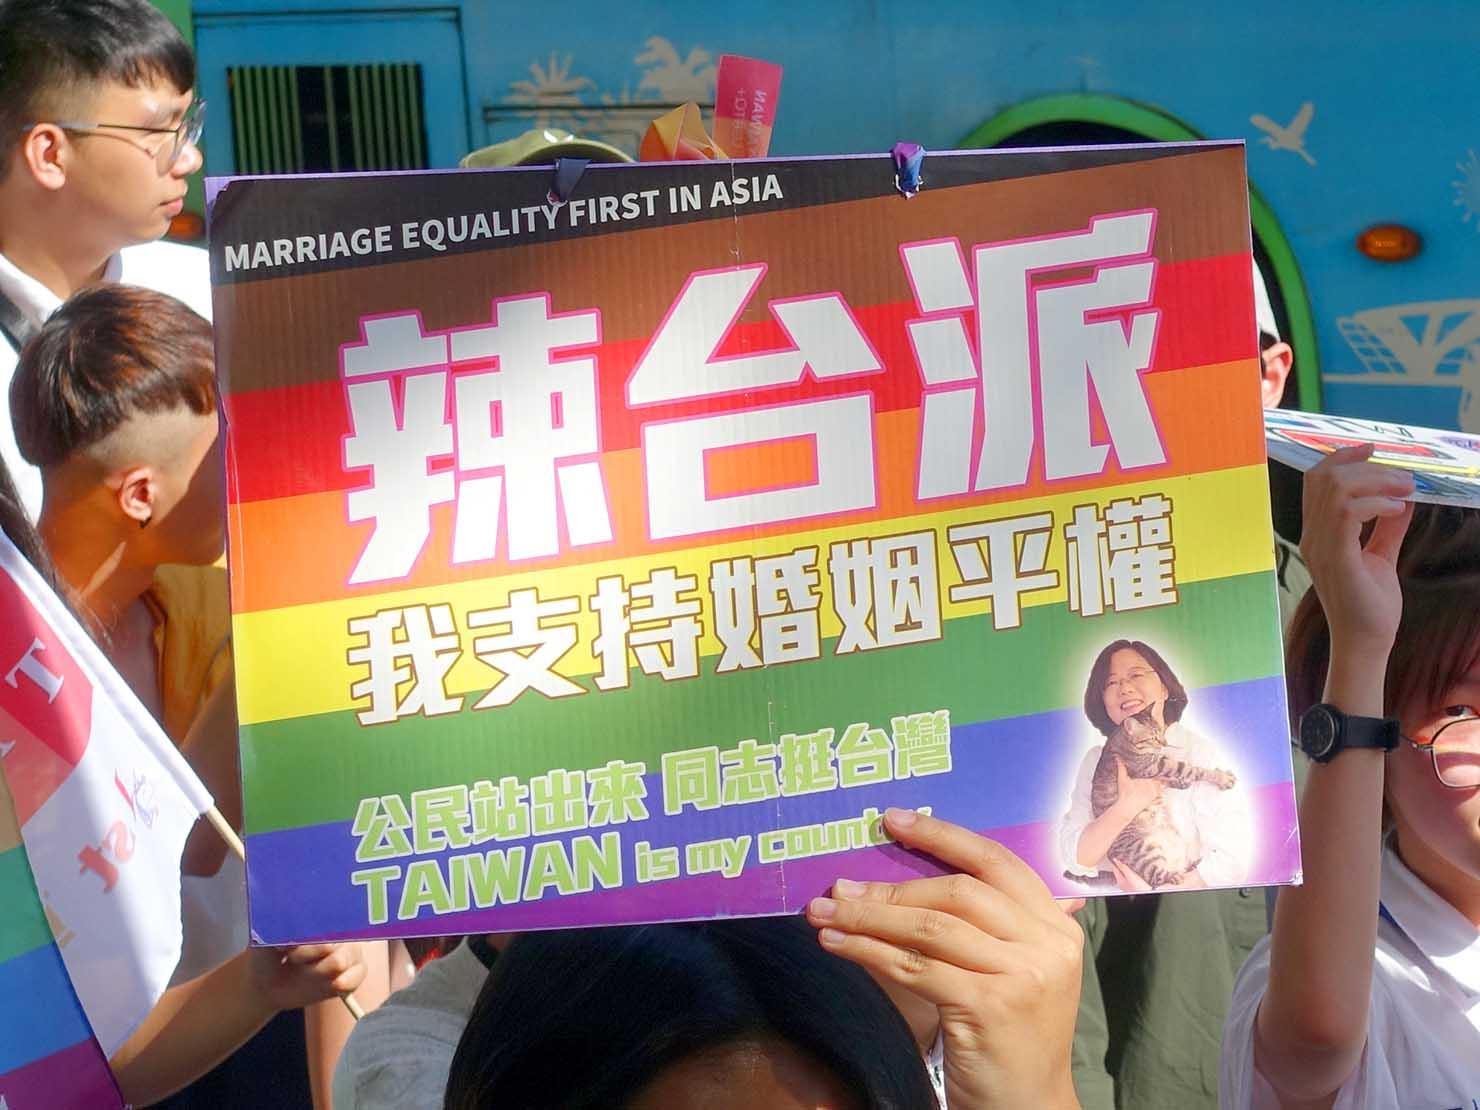 台中同志遊行(台中LGBTプライド)2019のパレードで婚姻平權の支持を訴えるプラカード